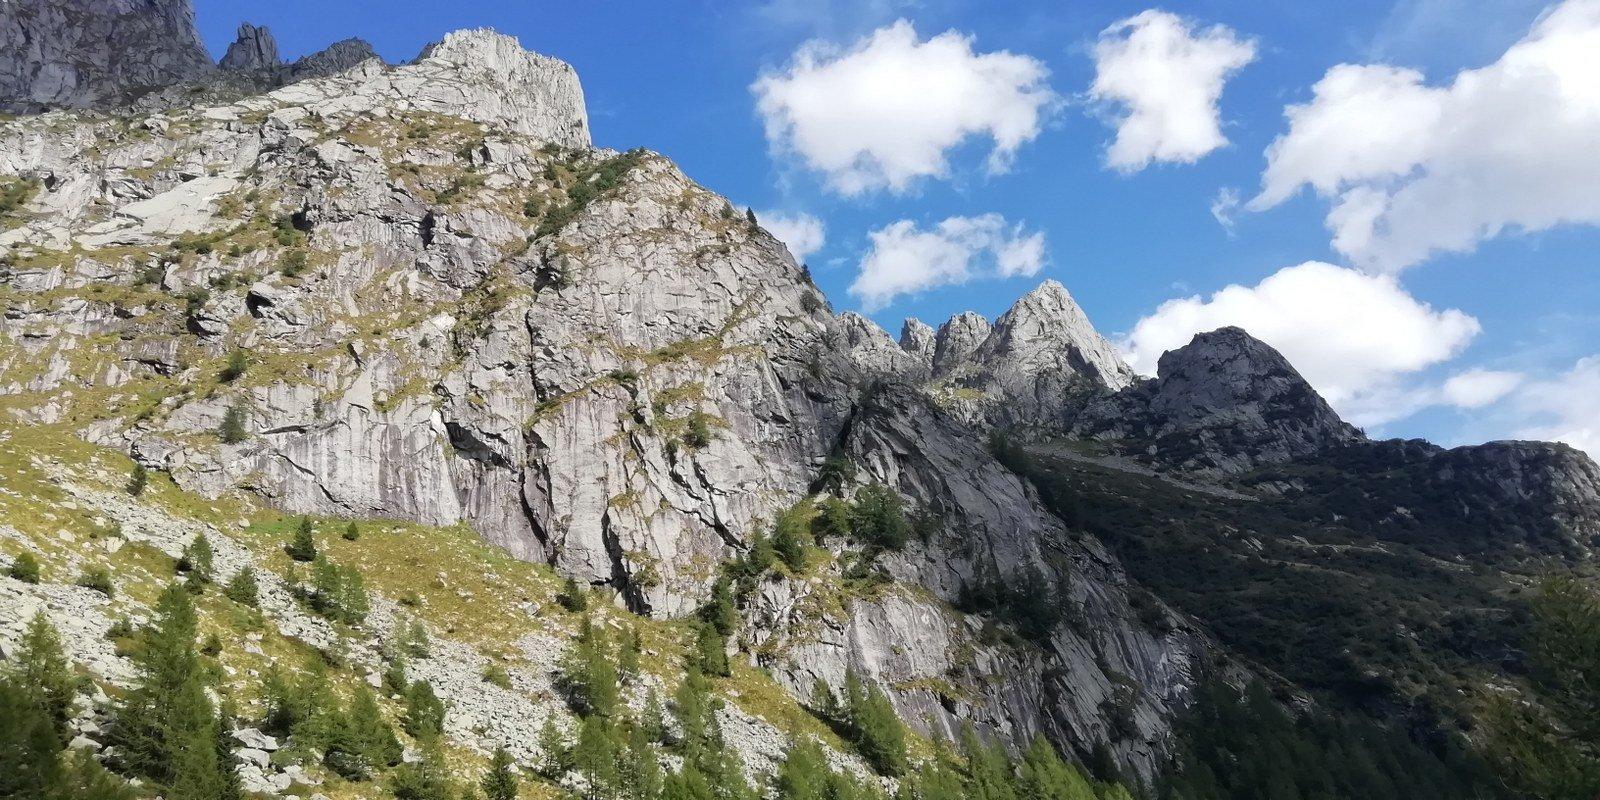 Si aprono gli scenari sulle cattedrali rocciose